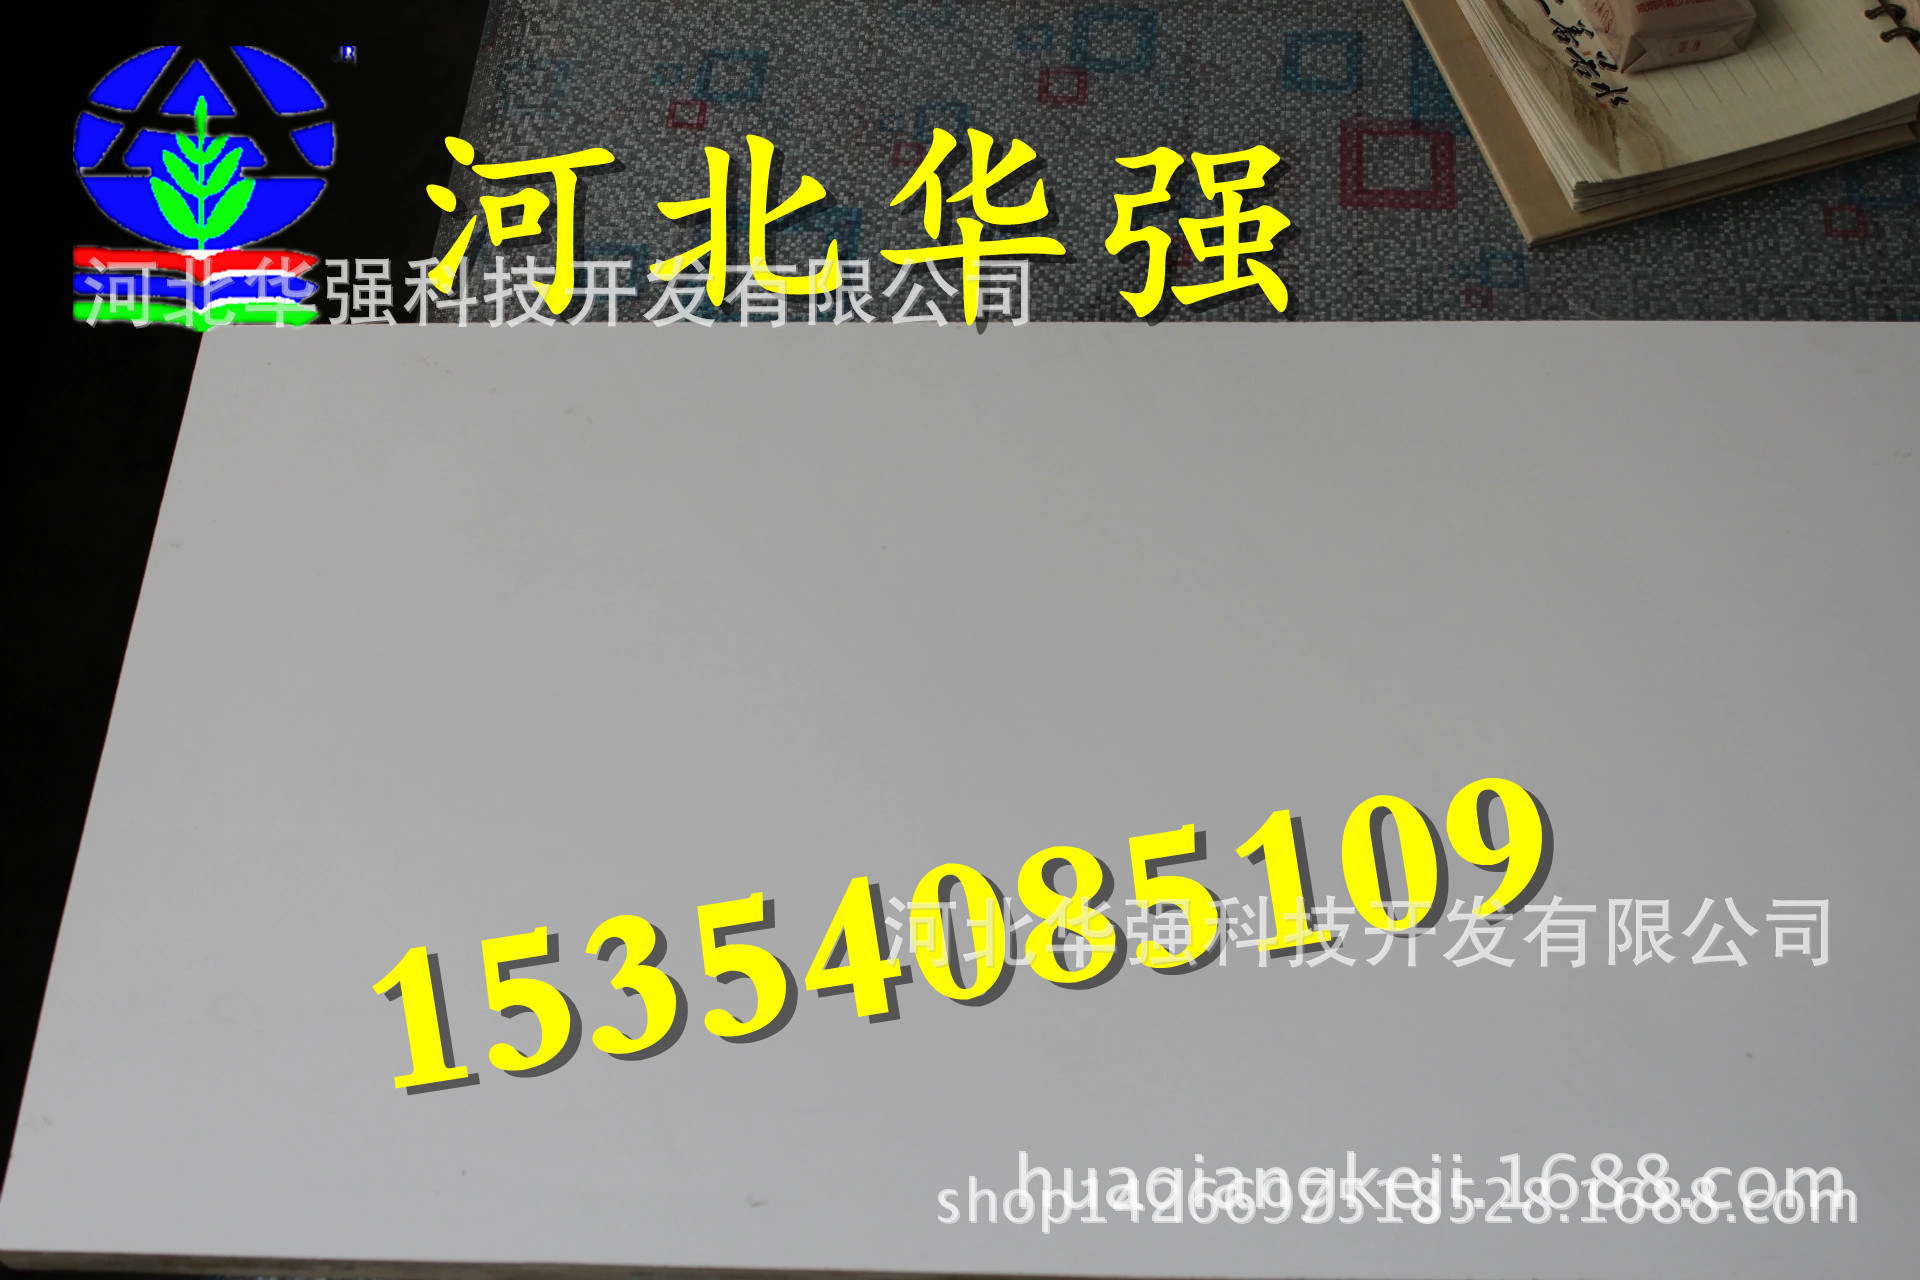 2034498757_1838001085.jpg_.web